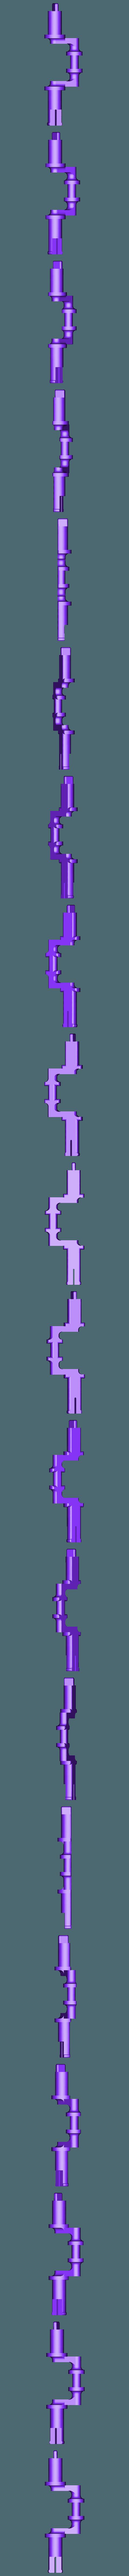 X_Crank_for_105ZZ_Bearing.stl Télécharger fichier STL gratuit Moteur pneumatique radial simple • Modèle pour imprimante 3D, Slava_Z